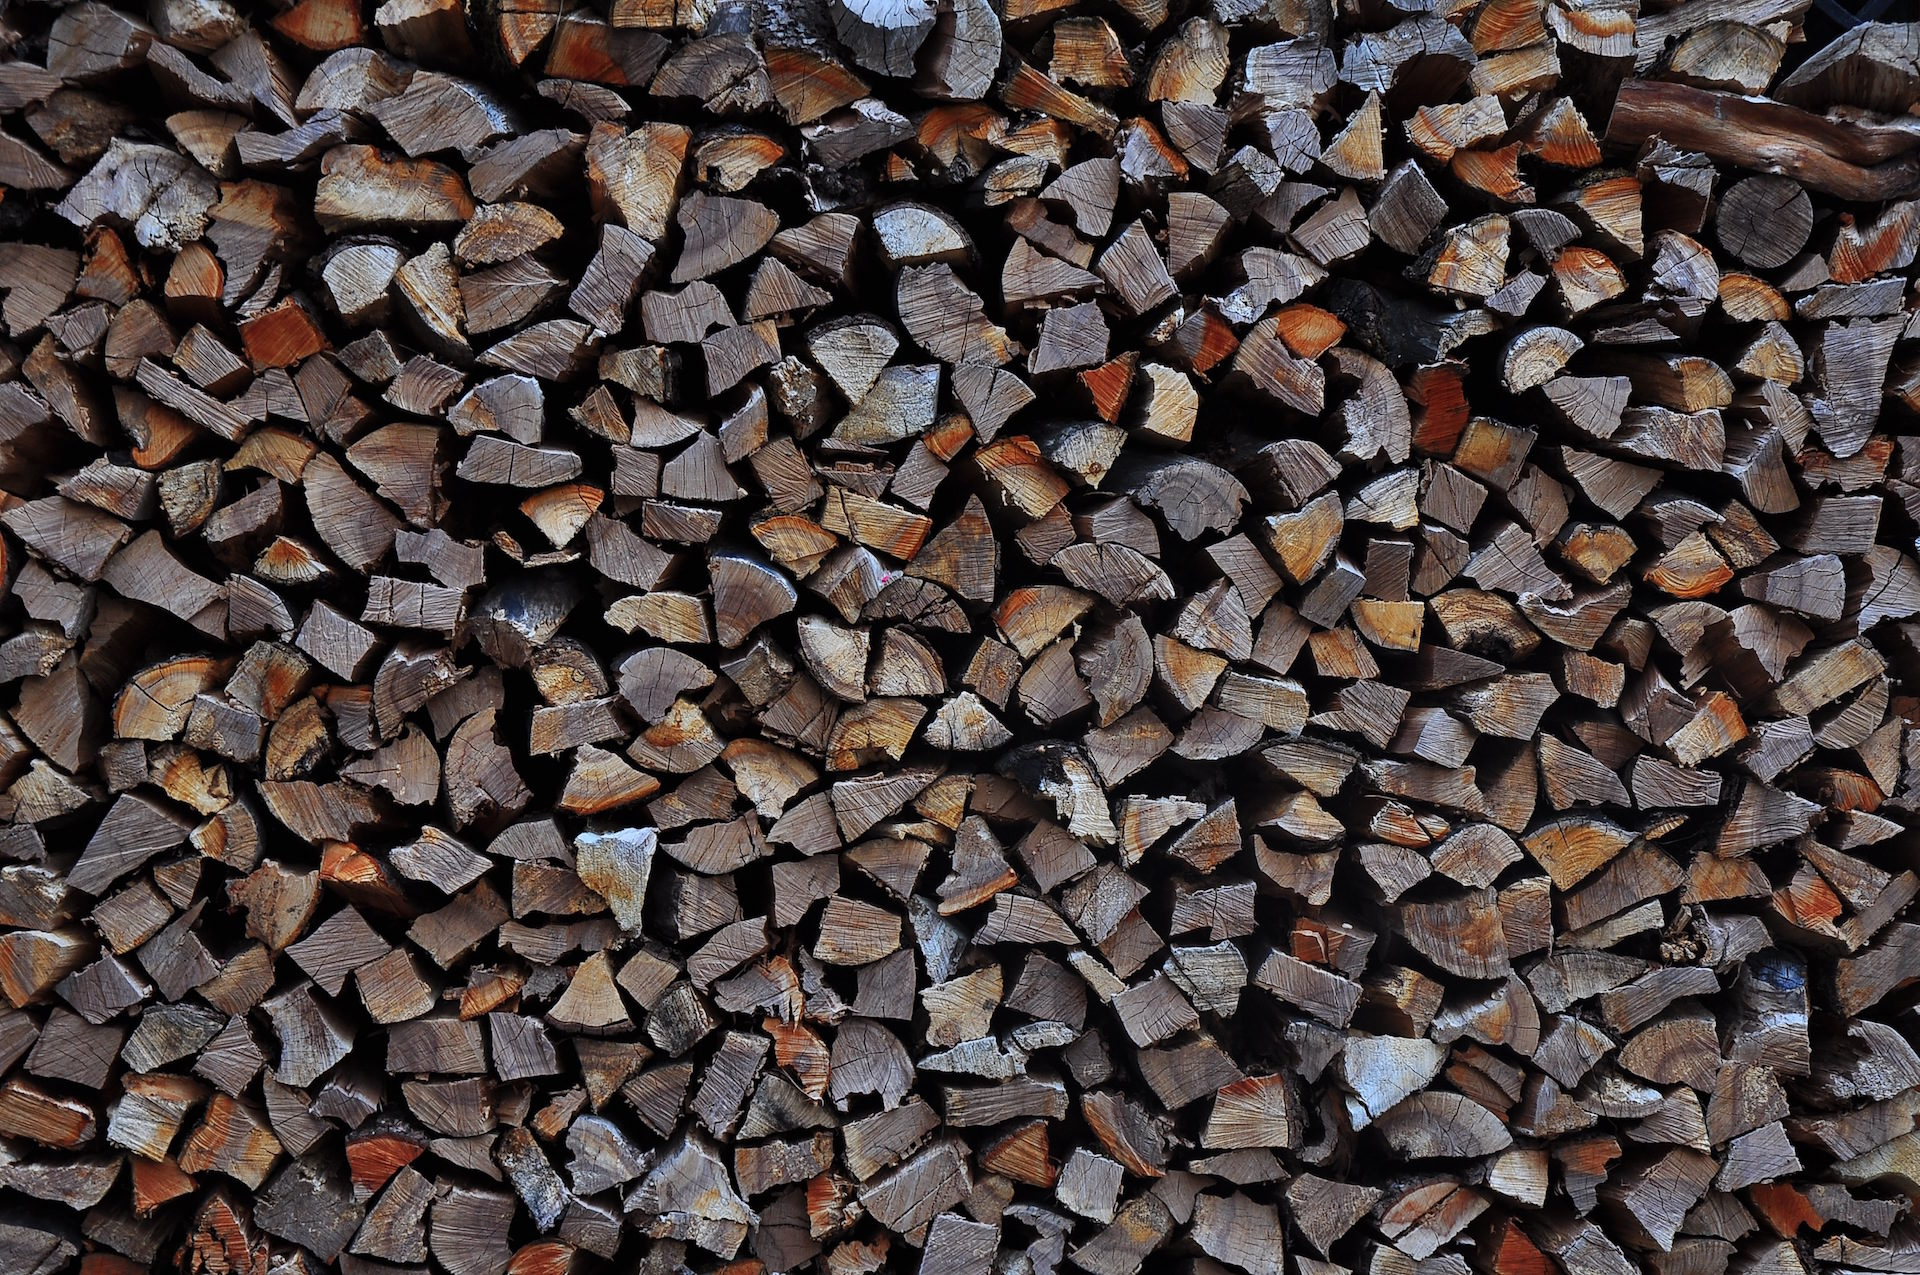 maderas, troncos, vetas, leña, cantidad - Fondos de Pantalla HD - professor-falken.com